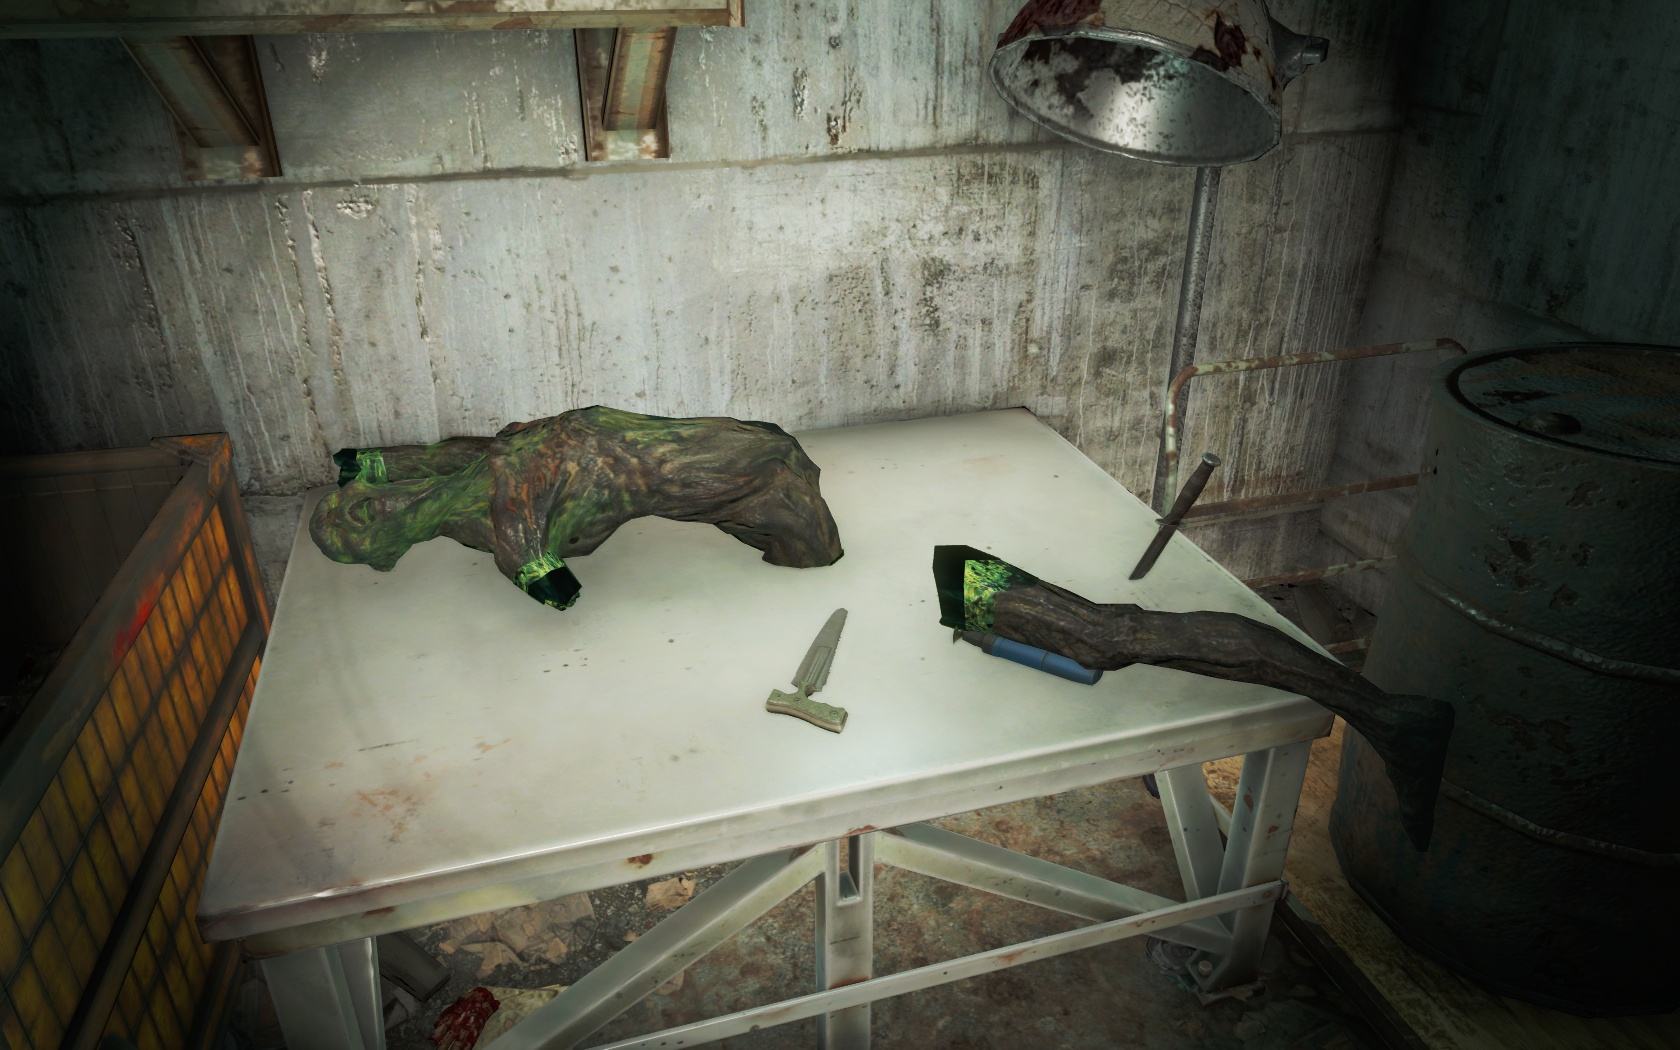 Мясозаготовка на зиму в самом разгаре! Вкуснячий Светящийся гуль (Консервный завод Большого Луковски) - Fallout 4 гуль, Консервный завод Большого Луковски, Светящийся